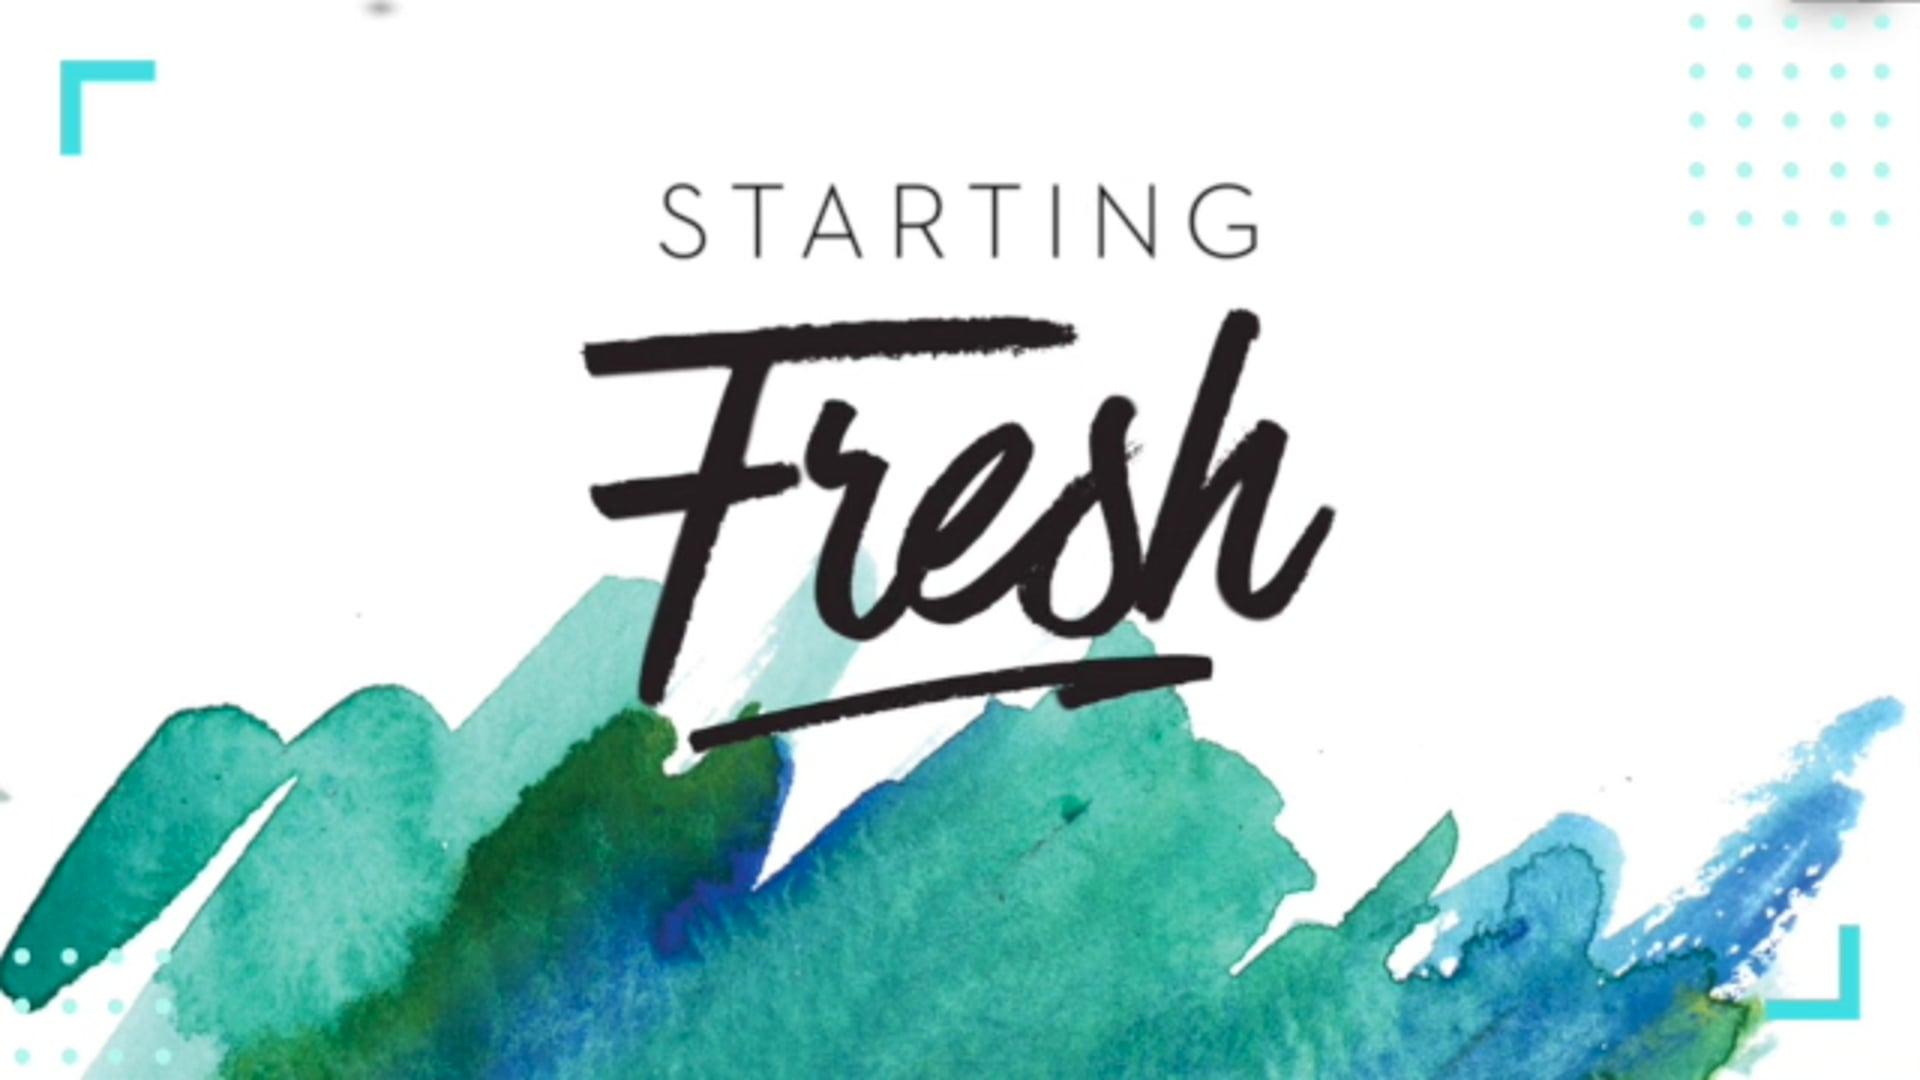 Starting Fresh - December 30, 2018